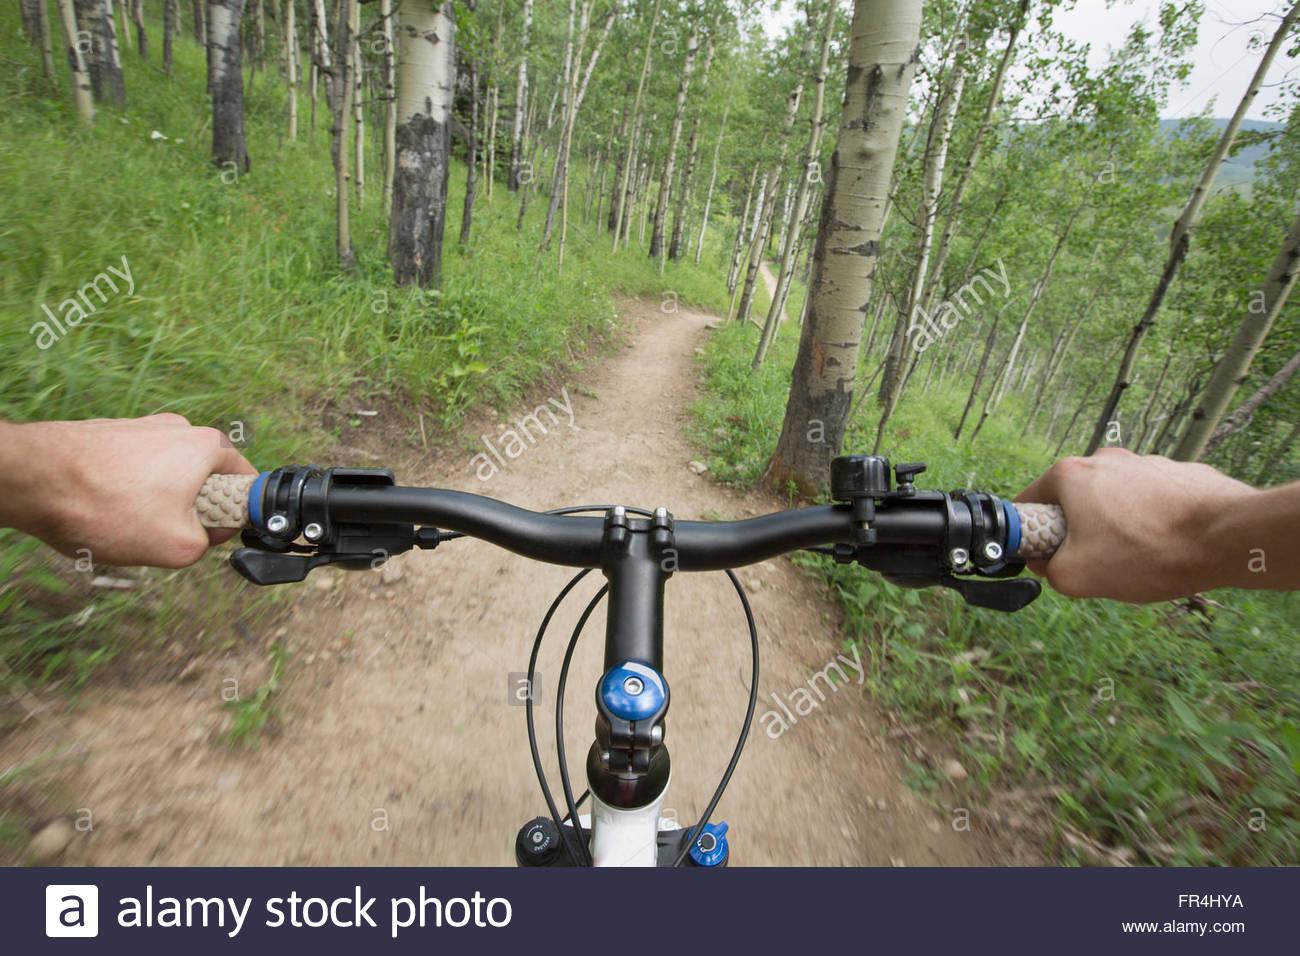 Cerca de manos agarrando bike maneja en woodland trail Imagen De Stock